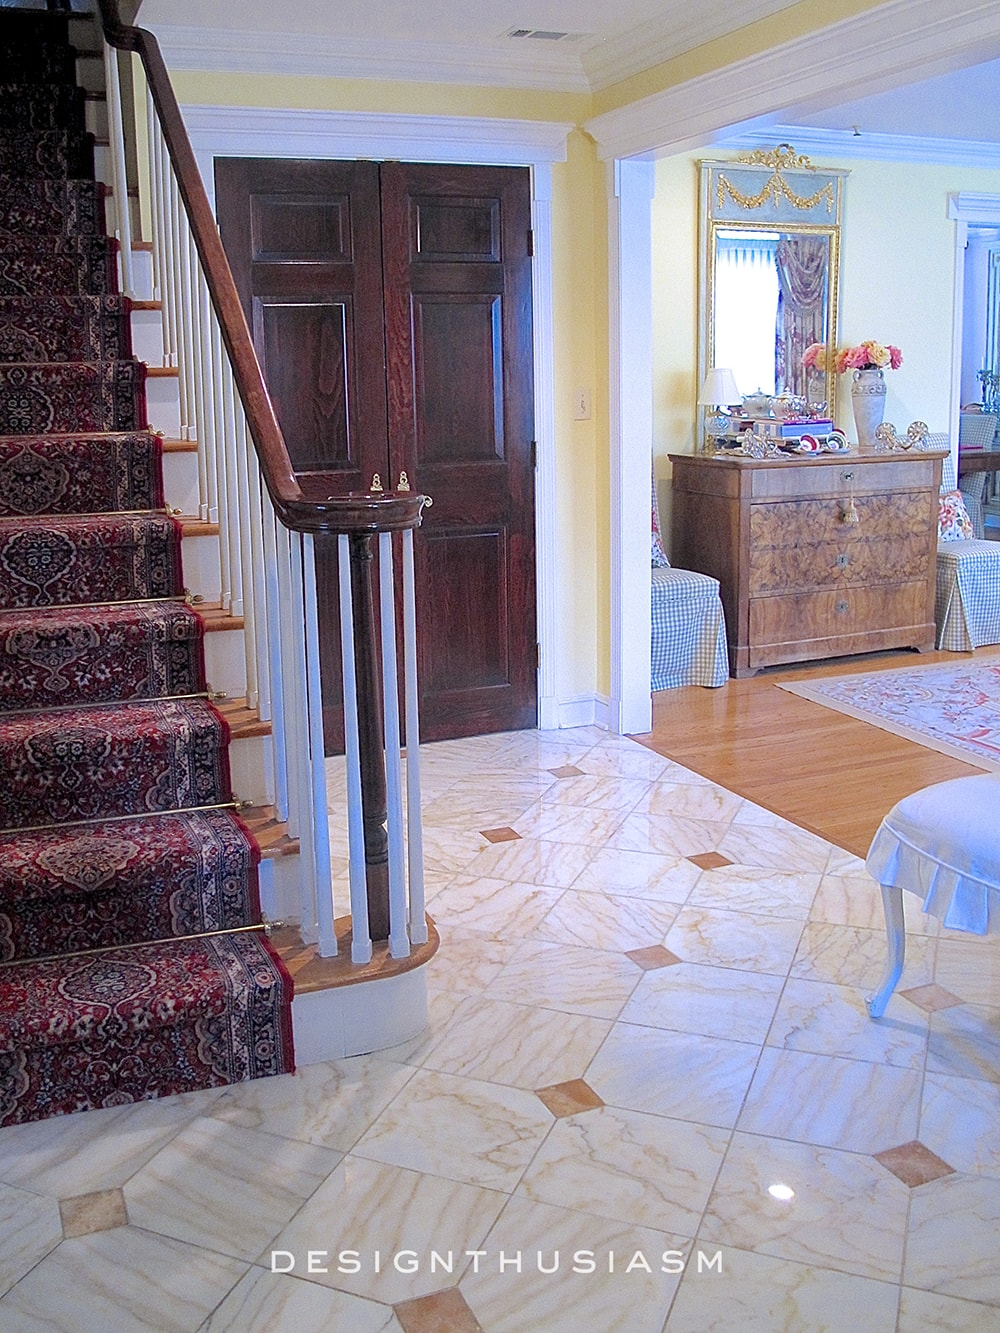 Entry Foyer   Family House Tour   Designthusiasm.com